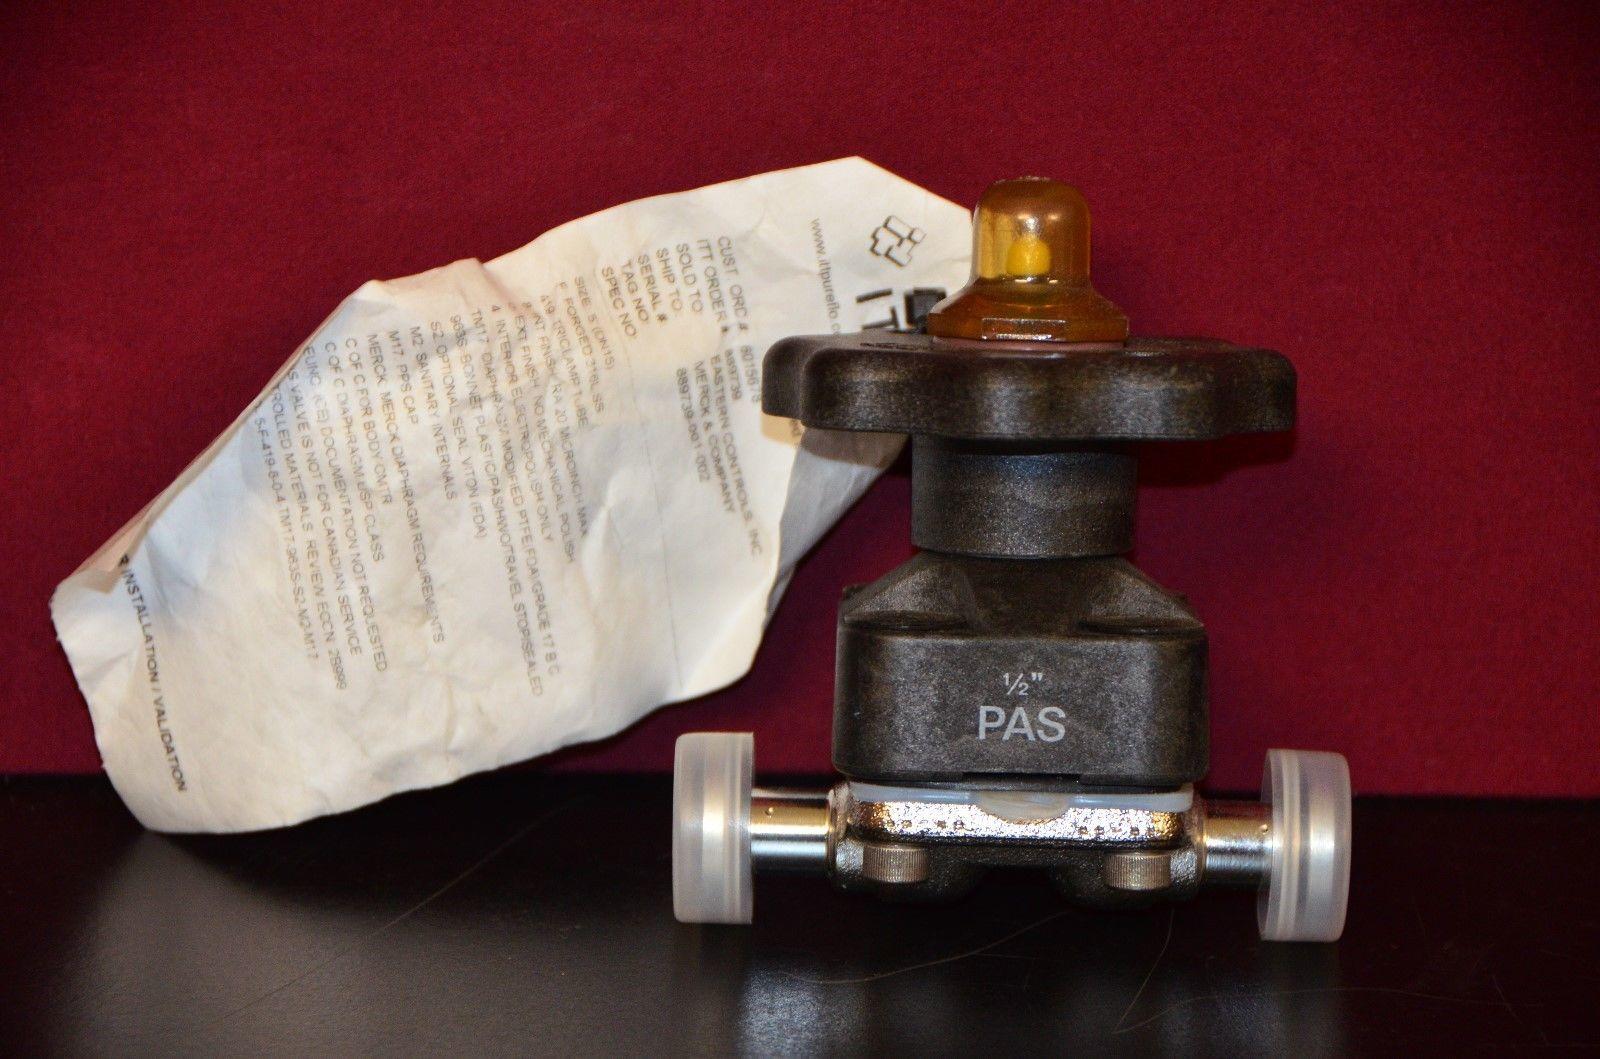 Itt pure flo 12 bonnet tc diaphragm valve and similar items itt pure flo 12 bonnet tc diaphragm valve 5 f 419 8 0 4 tm17 963s s2 m2 m17 ccuart Gallery